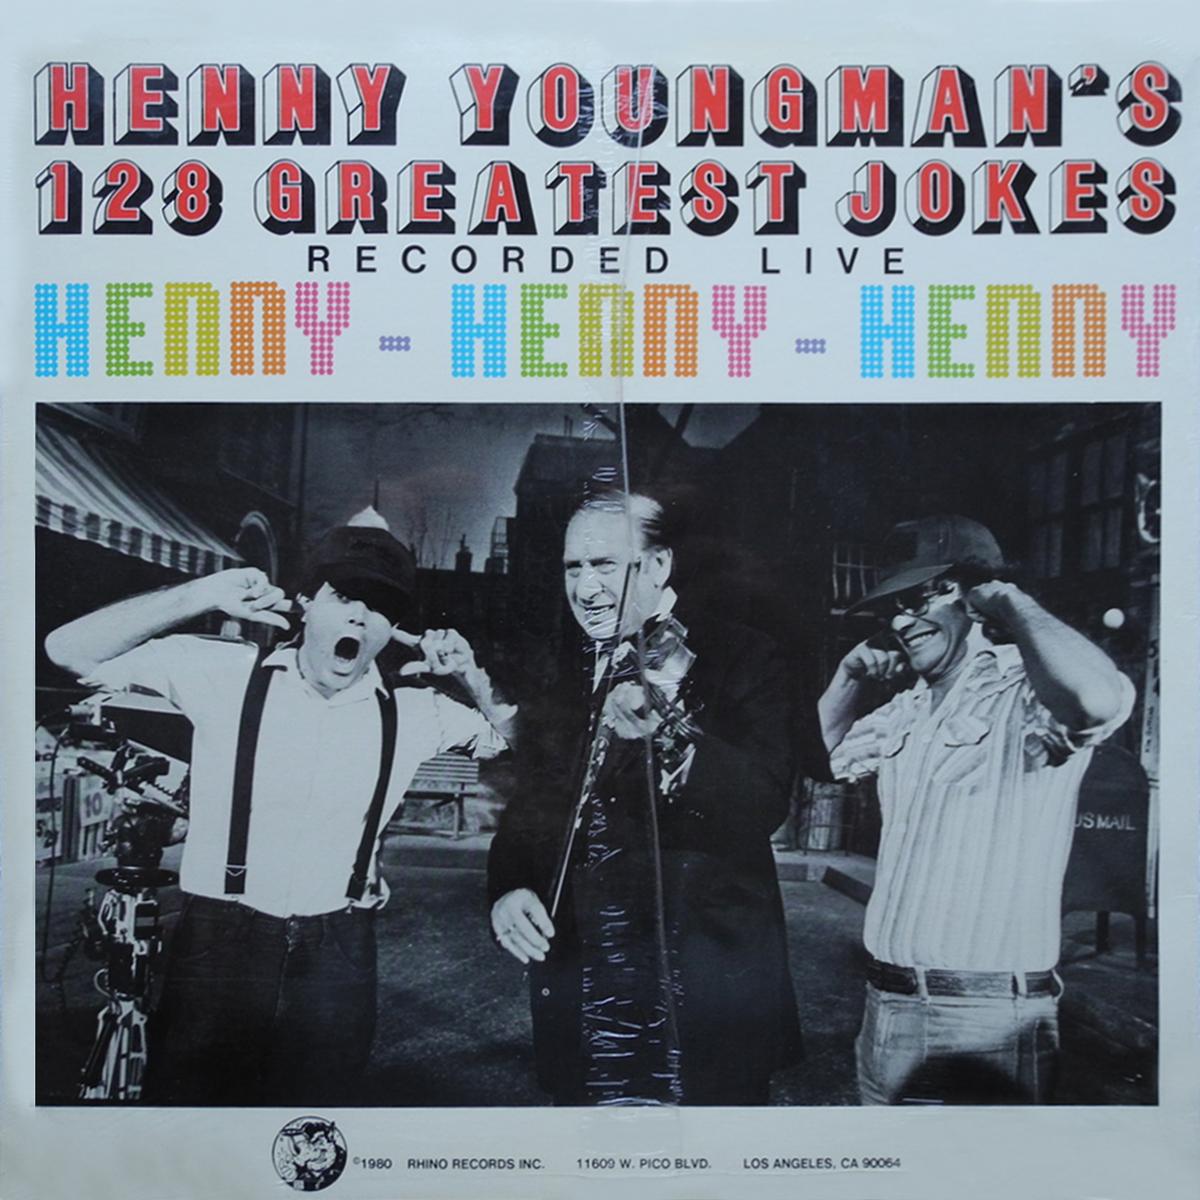 http://4.bp.blogspot.com/-q9N4BRc-5xE/UVePjG2Bz8I/AAAAAAAAxrg/wVh8LBFqdgk/s1600/Henny+Youngman+-+128+Greatest+Jokes+back.JPG